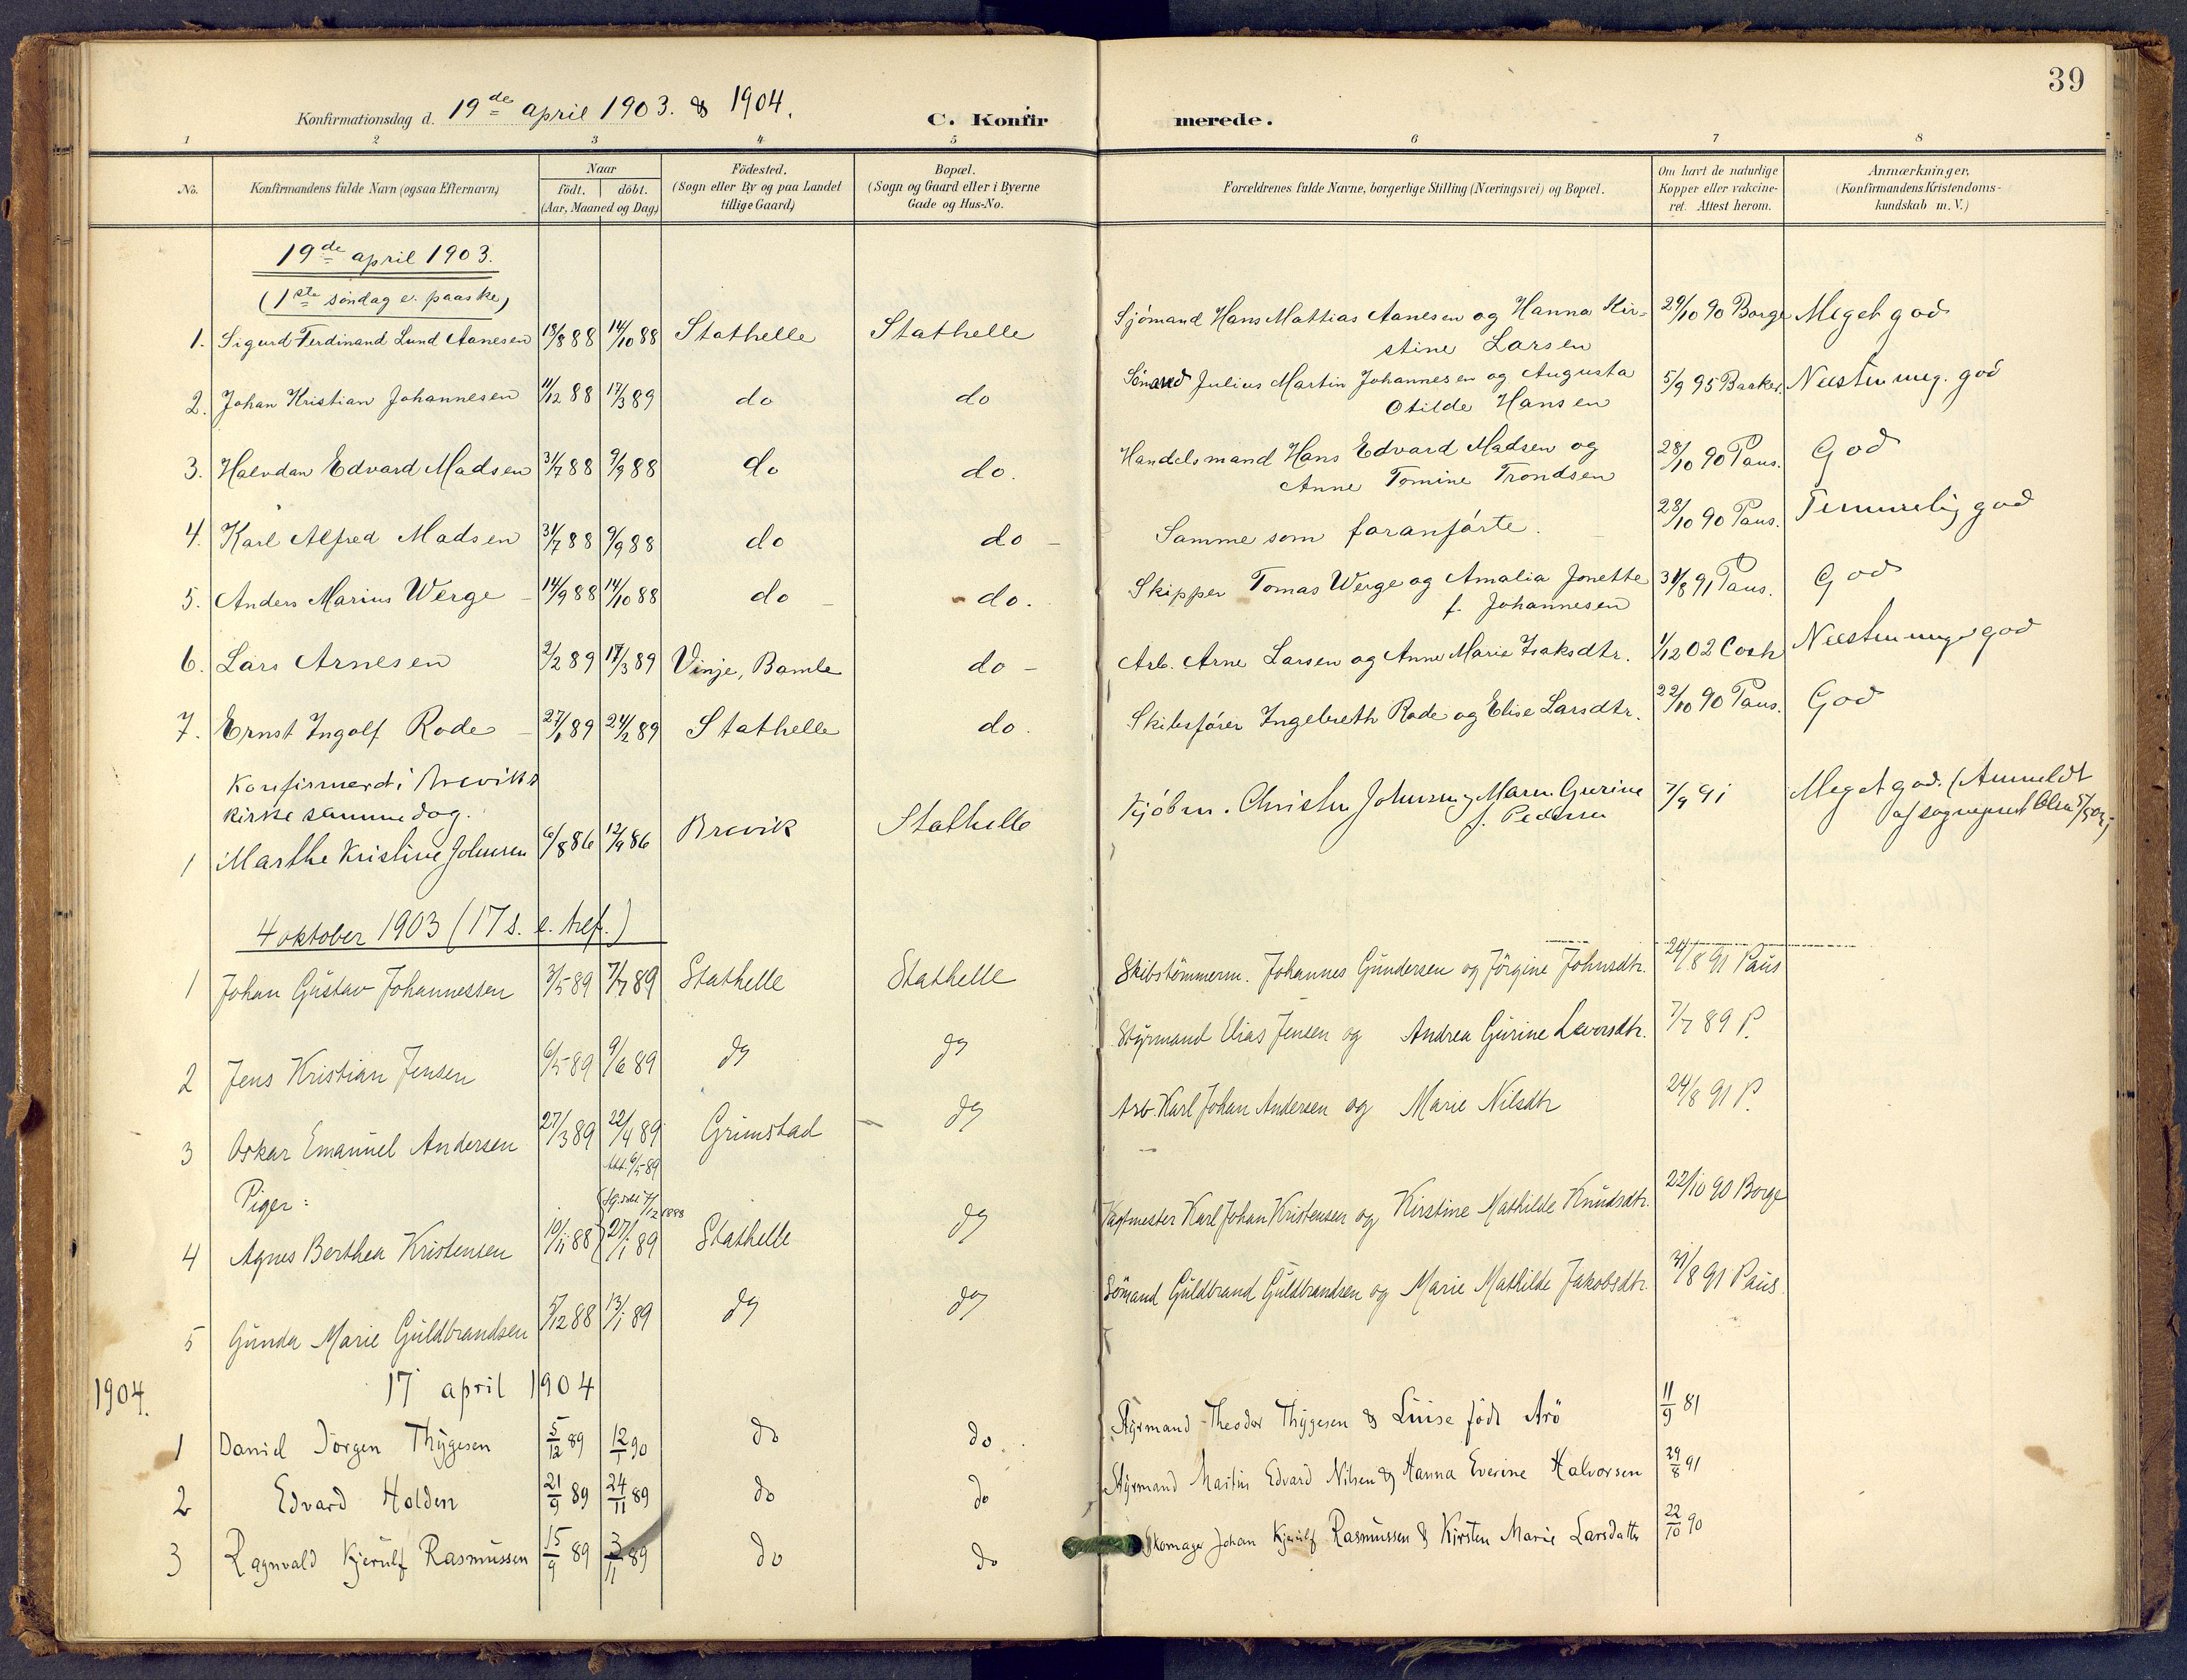 SAKO, Bamble kirkebøker, F/Fb/L0002: Ministerialbok nr. II 2, 1900-1921, s. 39